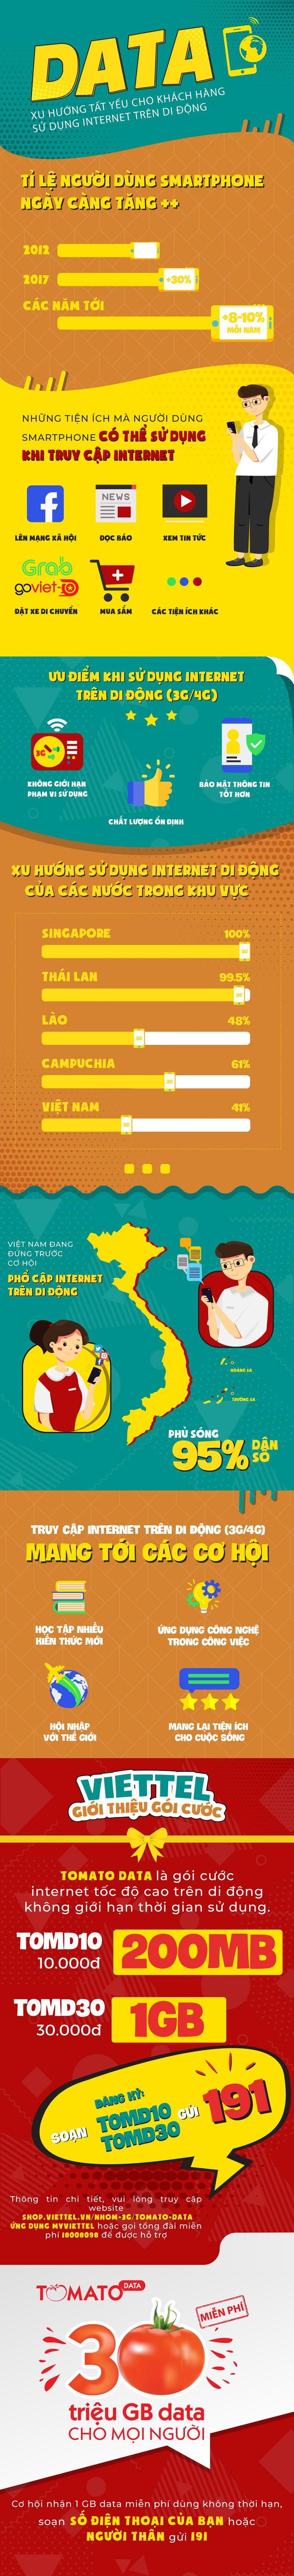 Data - xu hướng tất yếu cho khách hàng sử dụng Internet trên di động - Ảnh 1.